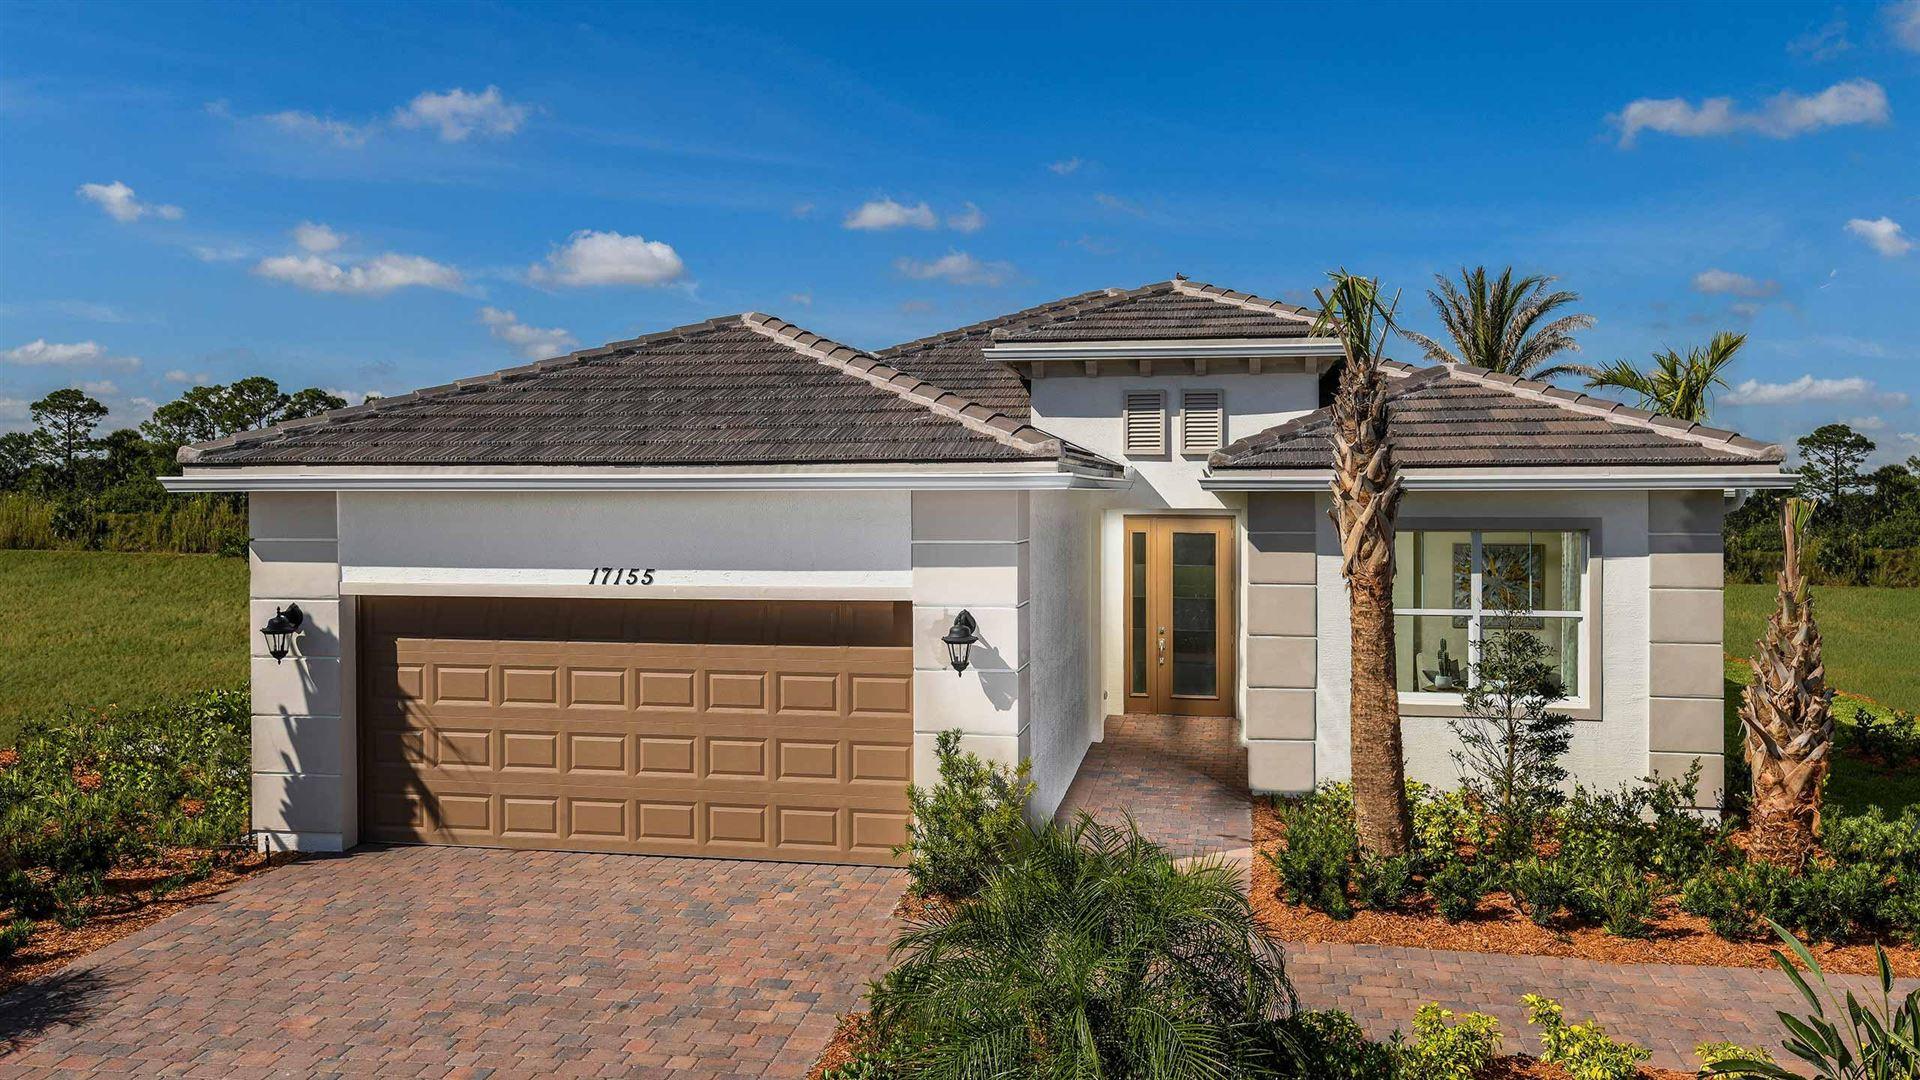 17147 SW Ambrose Way, Port Saint Lucie, FL 34986 - #: RX-10633610